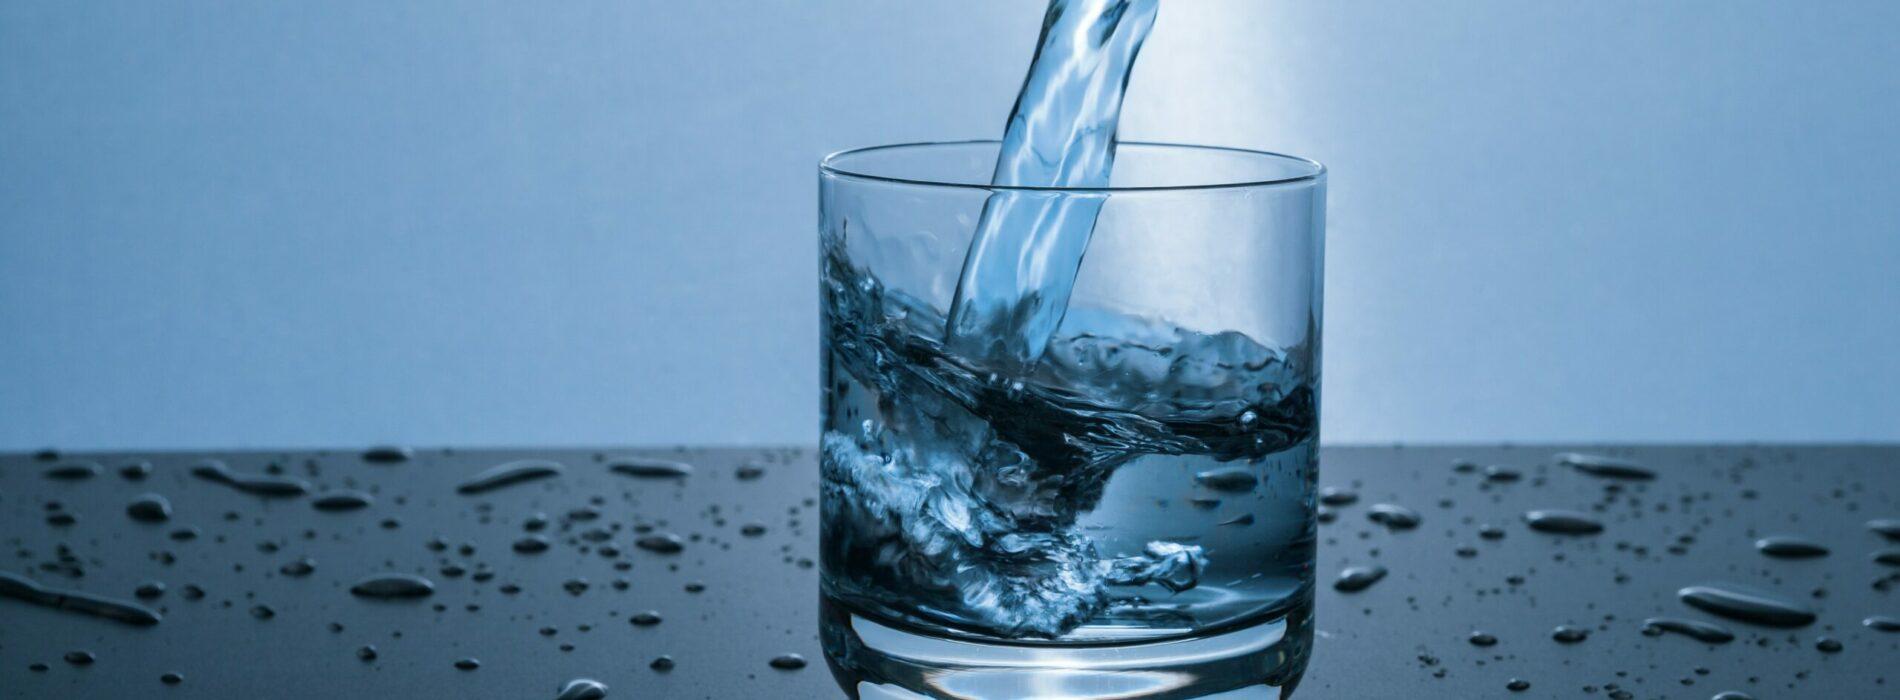 Jak wybrać odpowiedni filtr do wody?